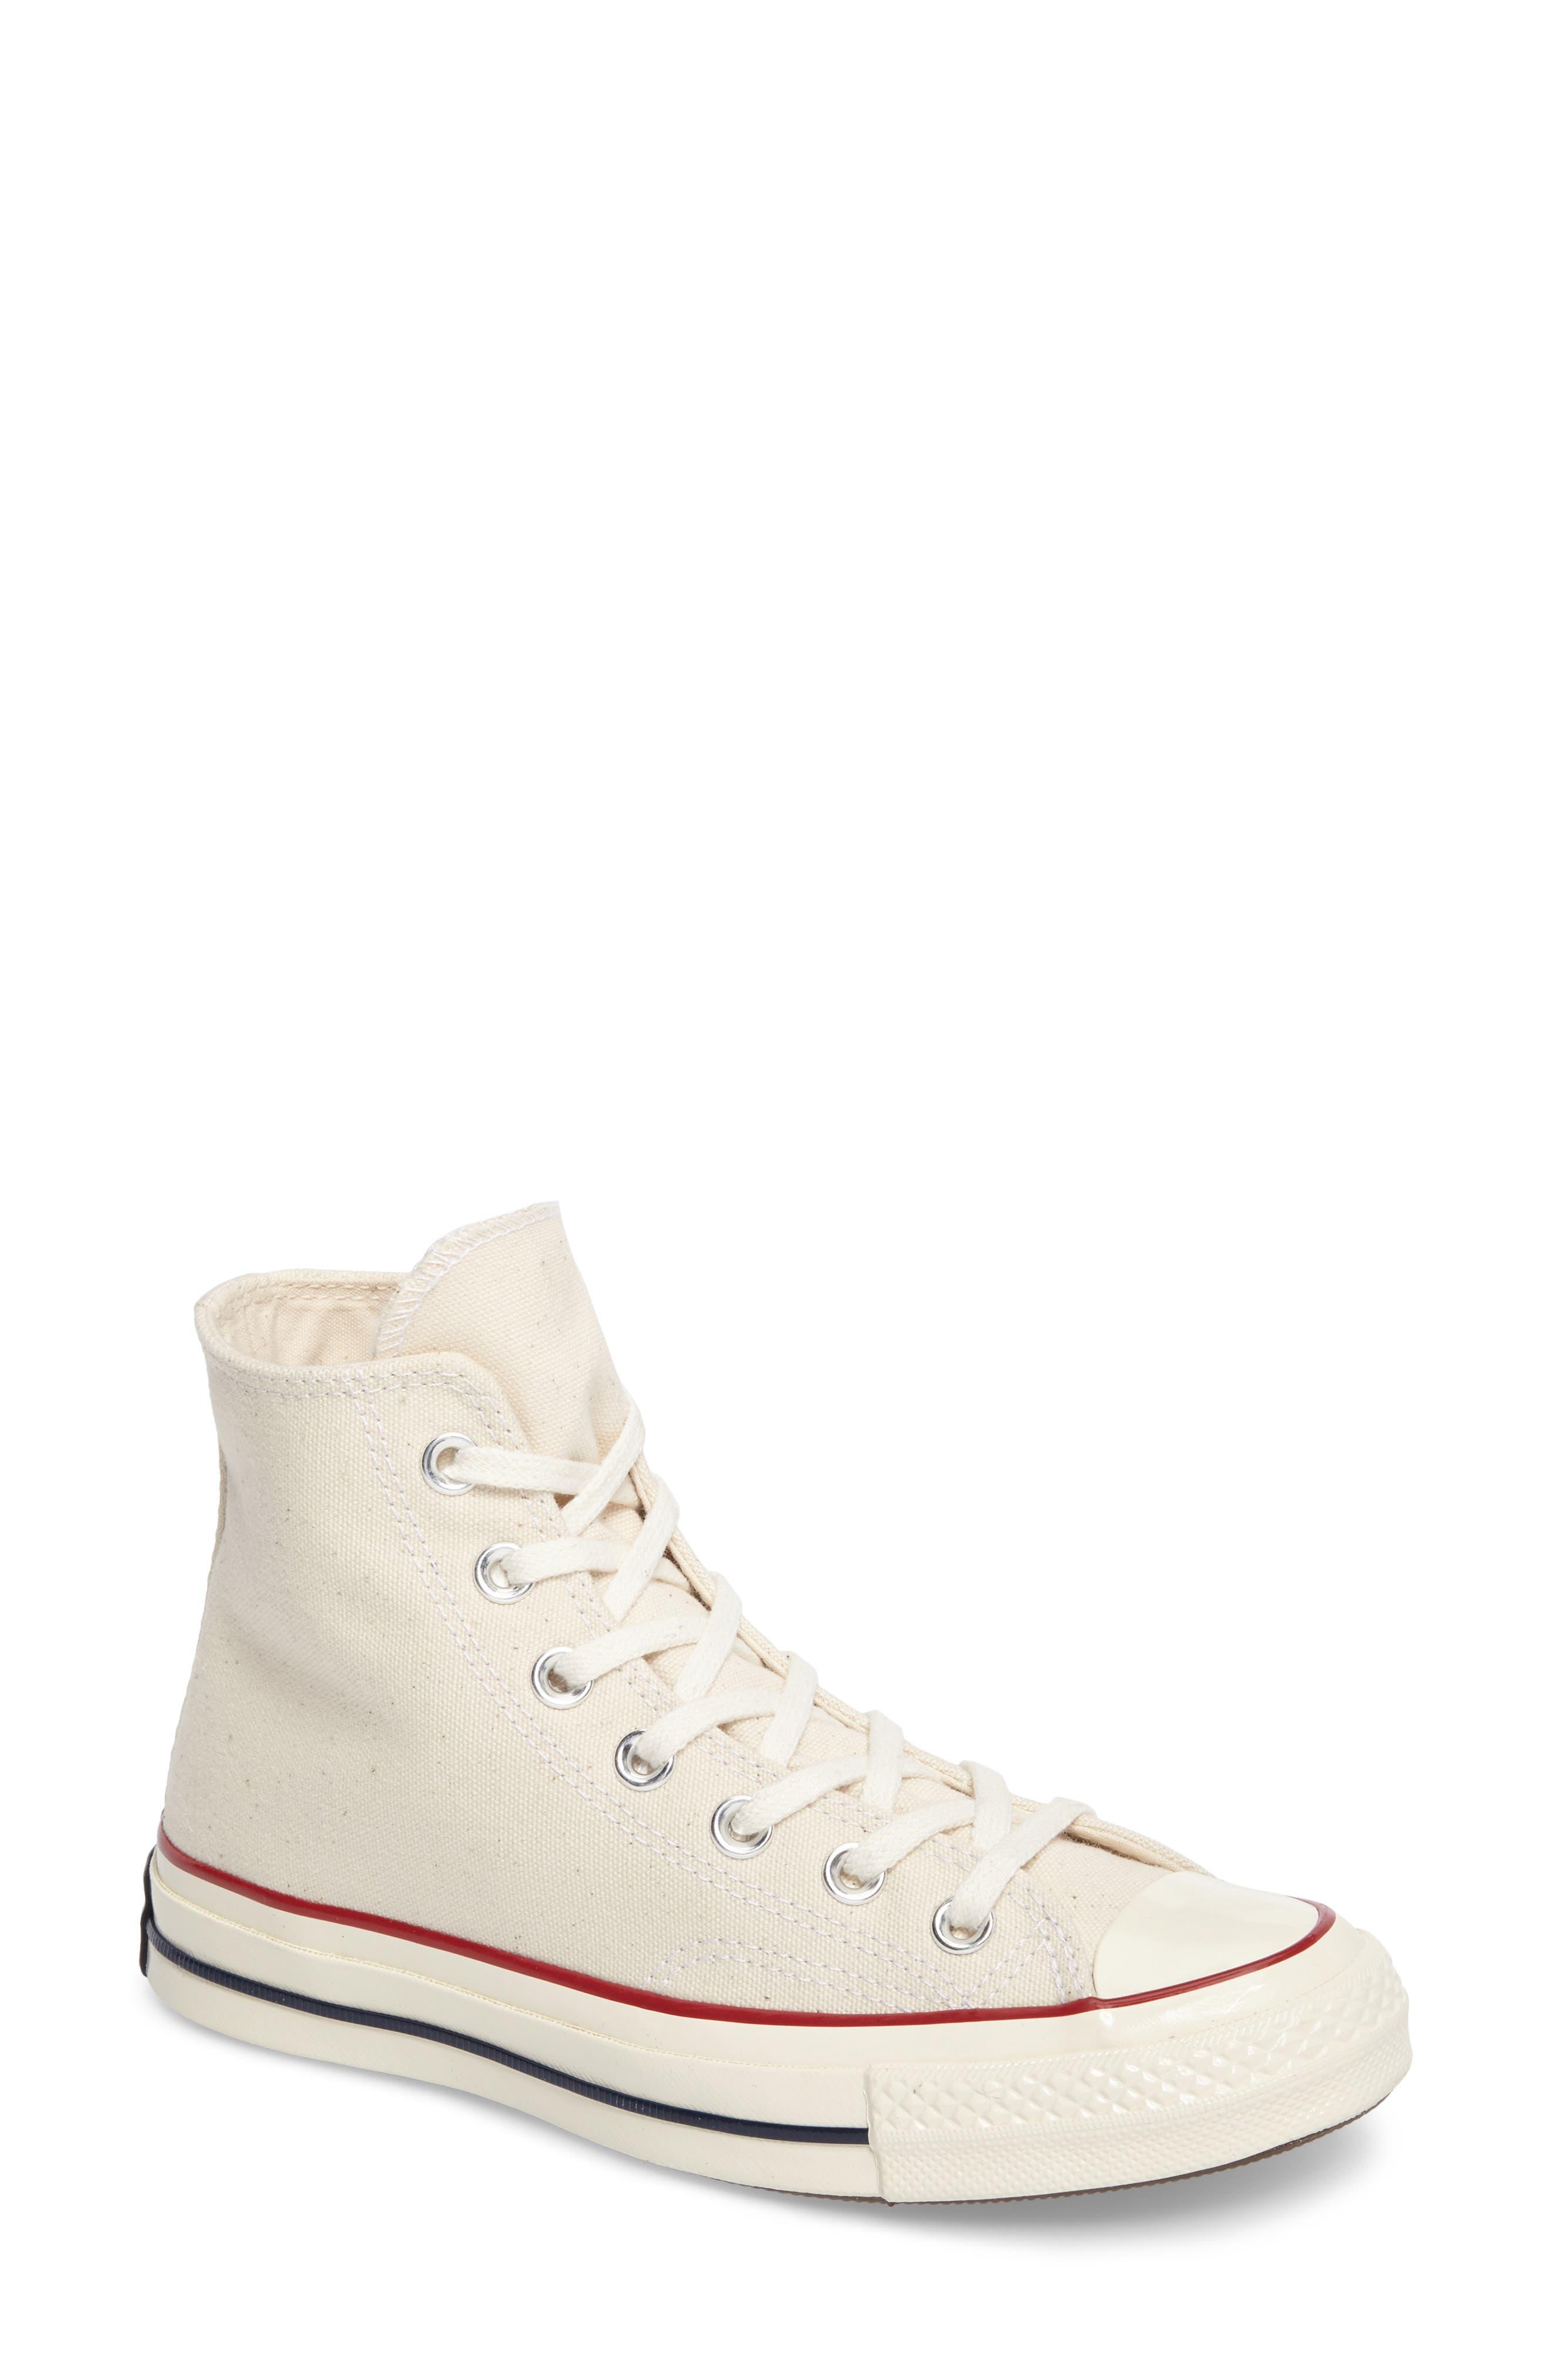 Converse Chuck Taylor® All Star® '70 High Top Sneaker (Women)